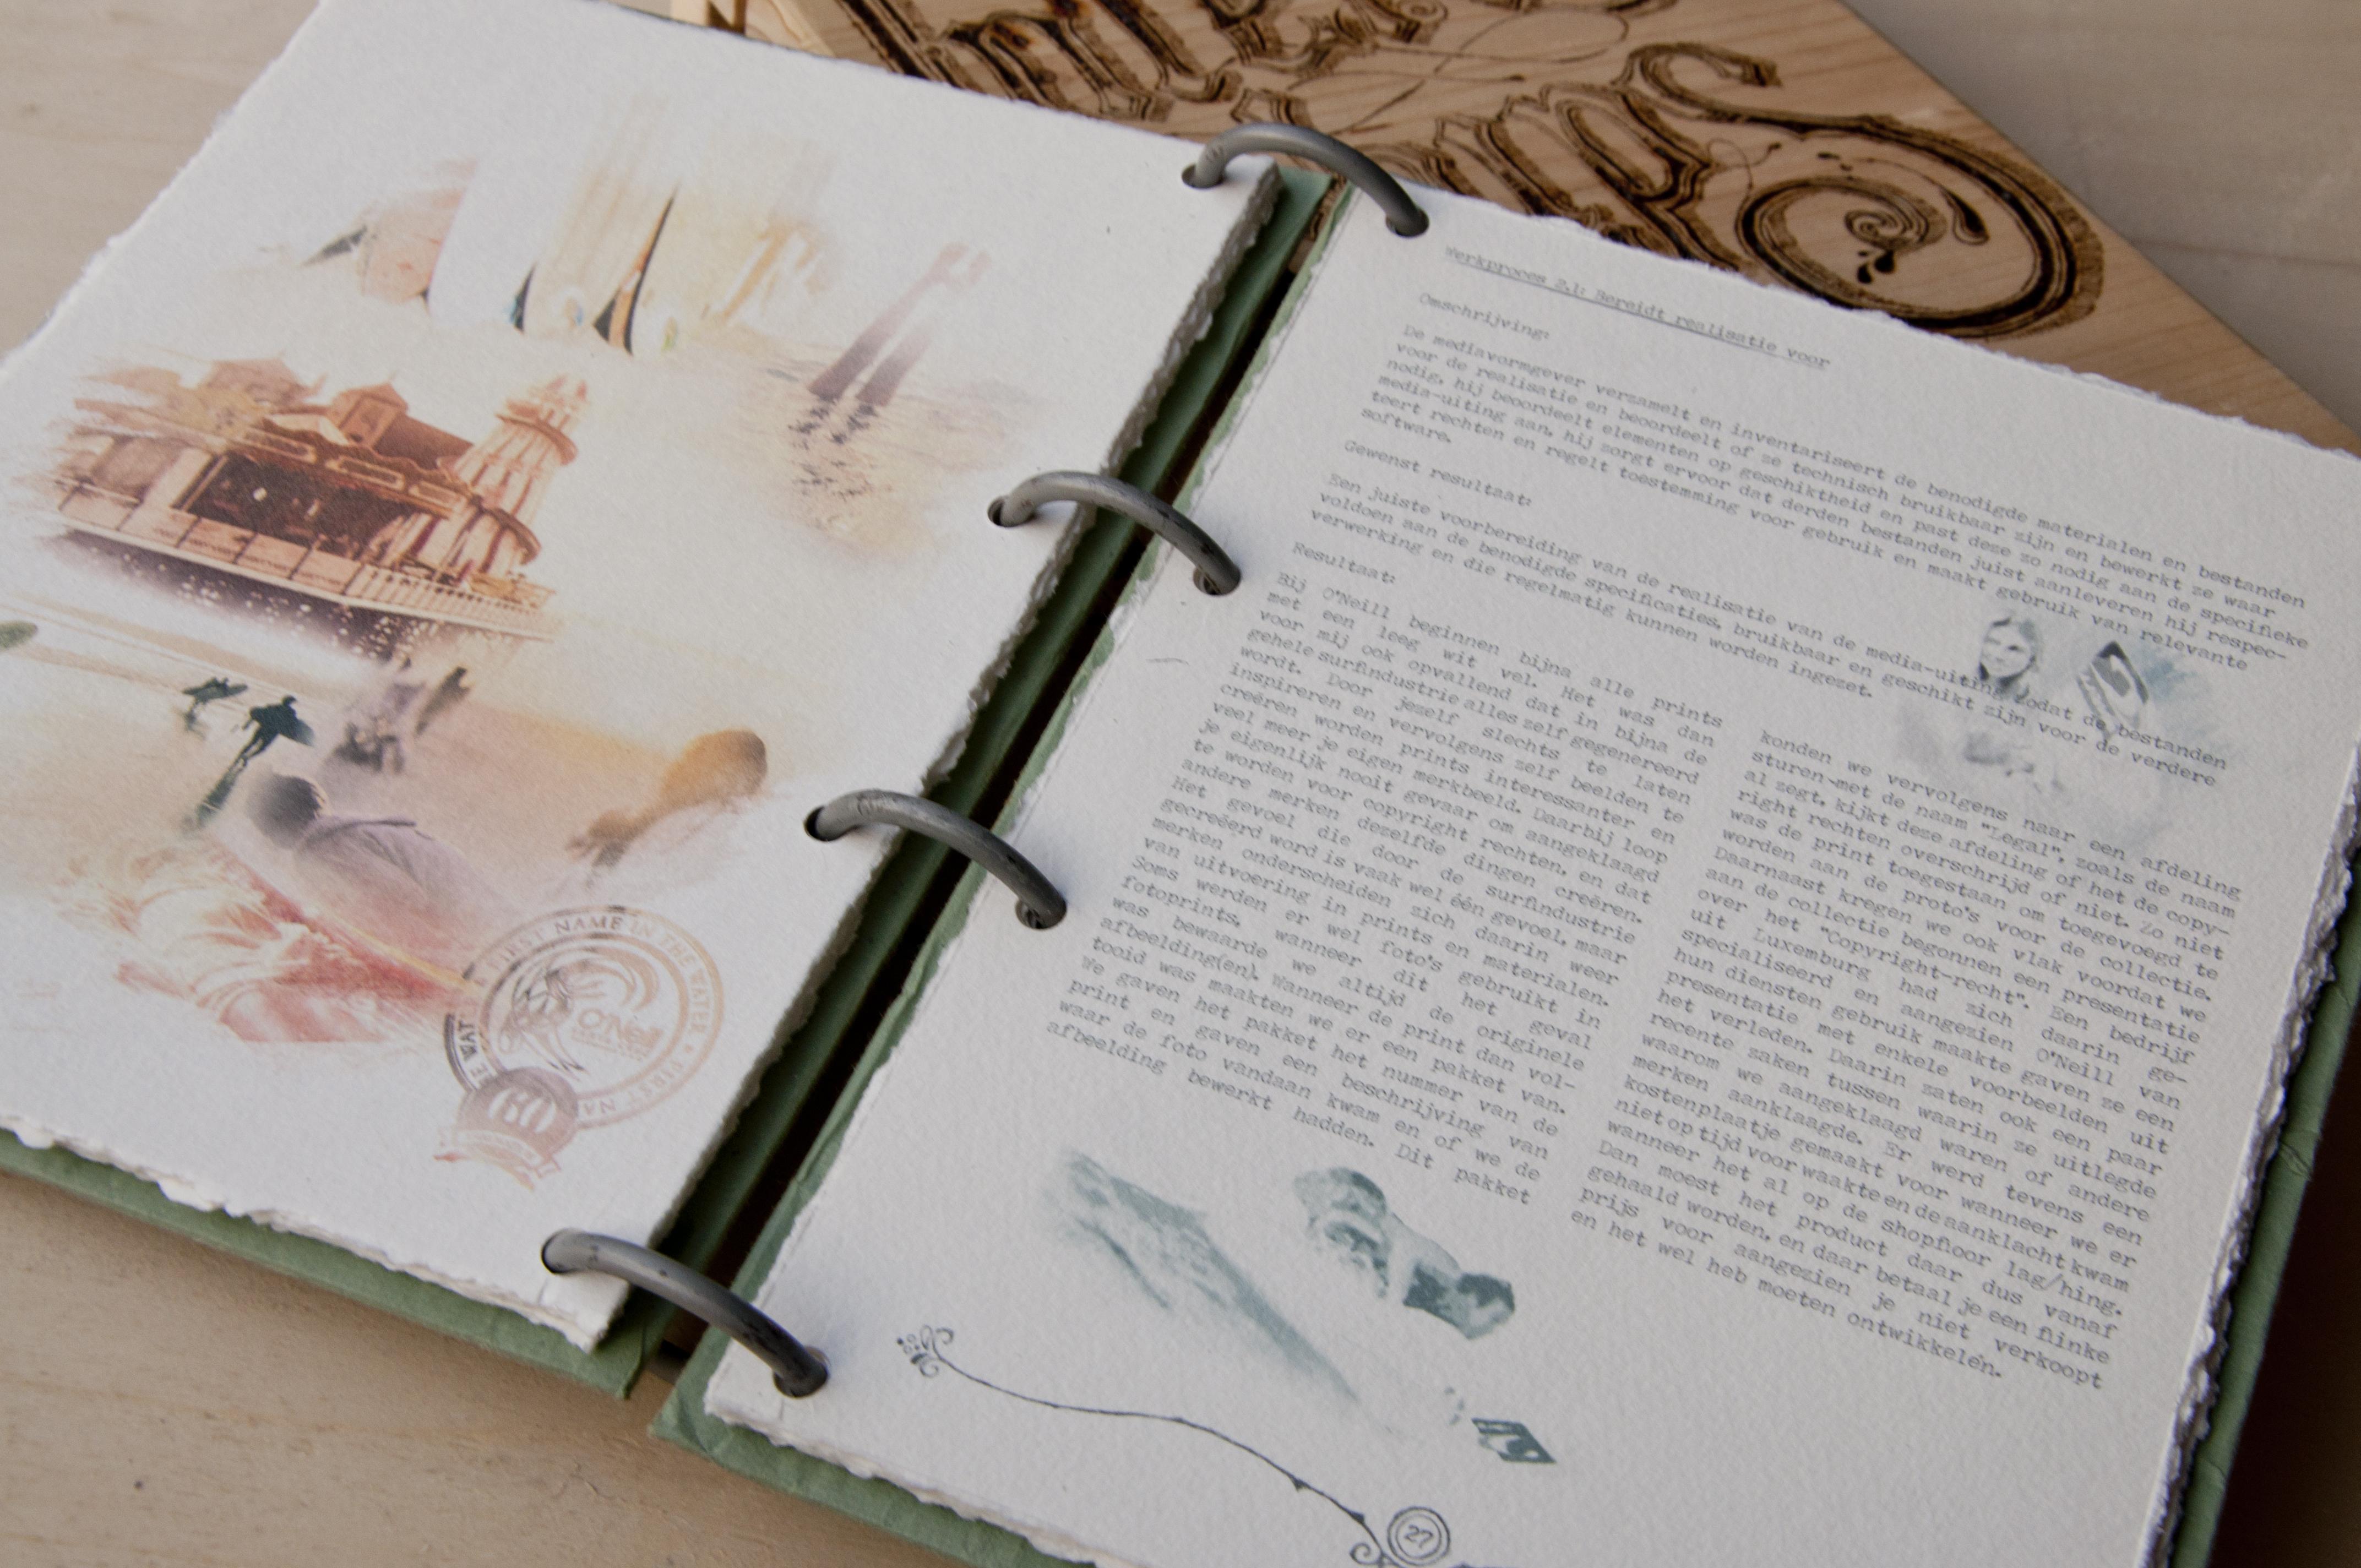 Internshipboek_038